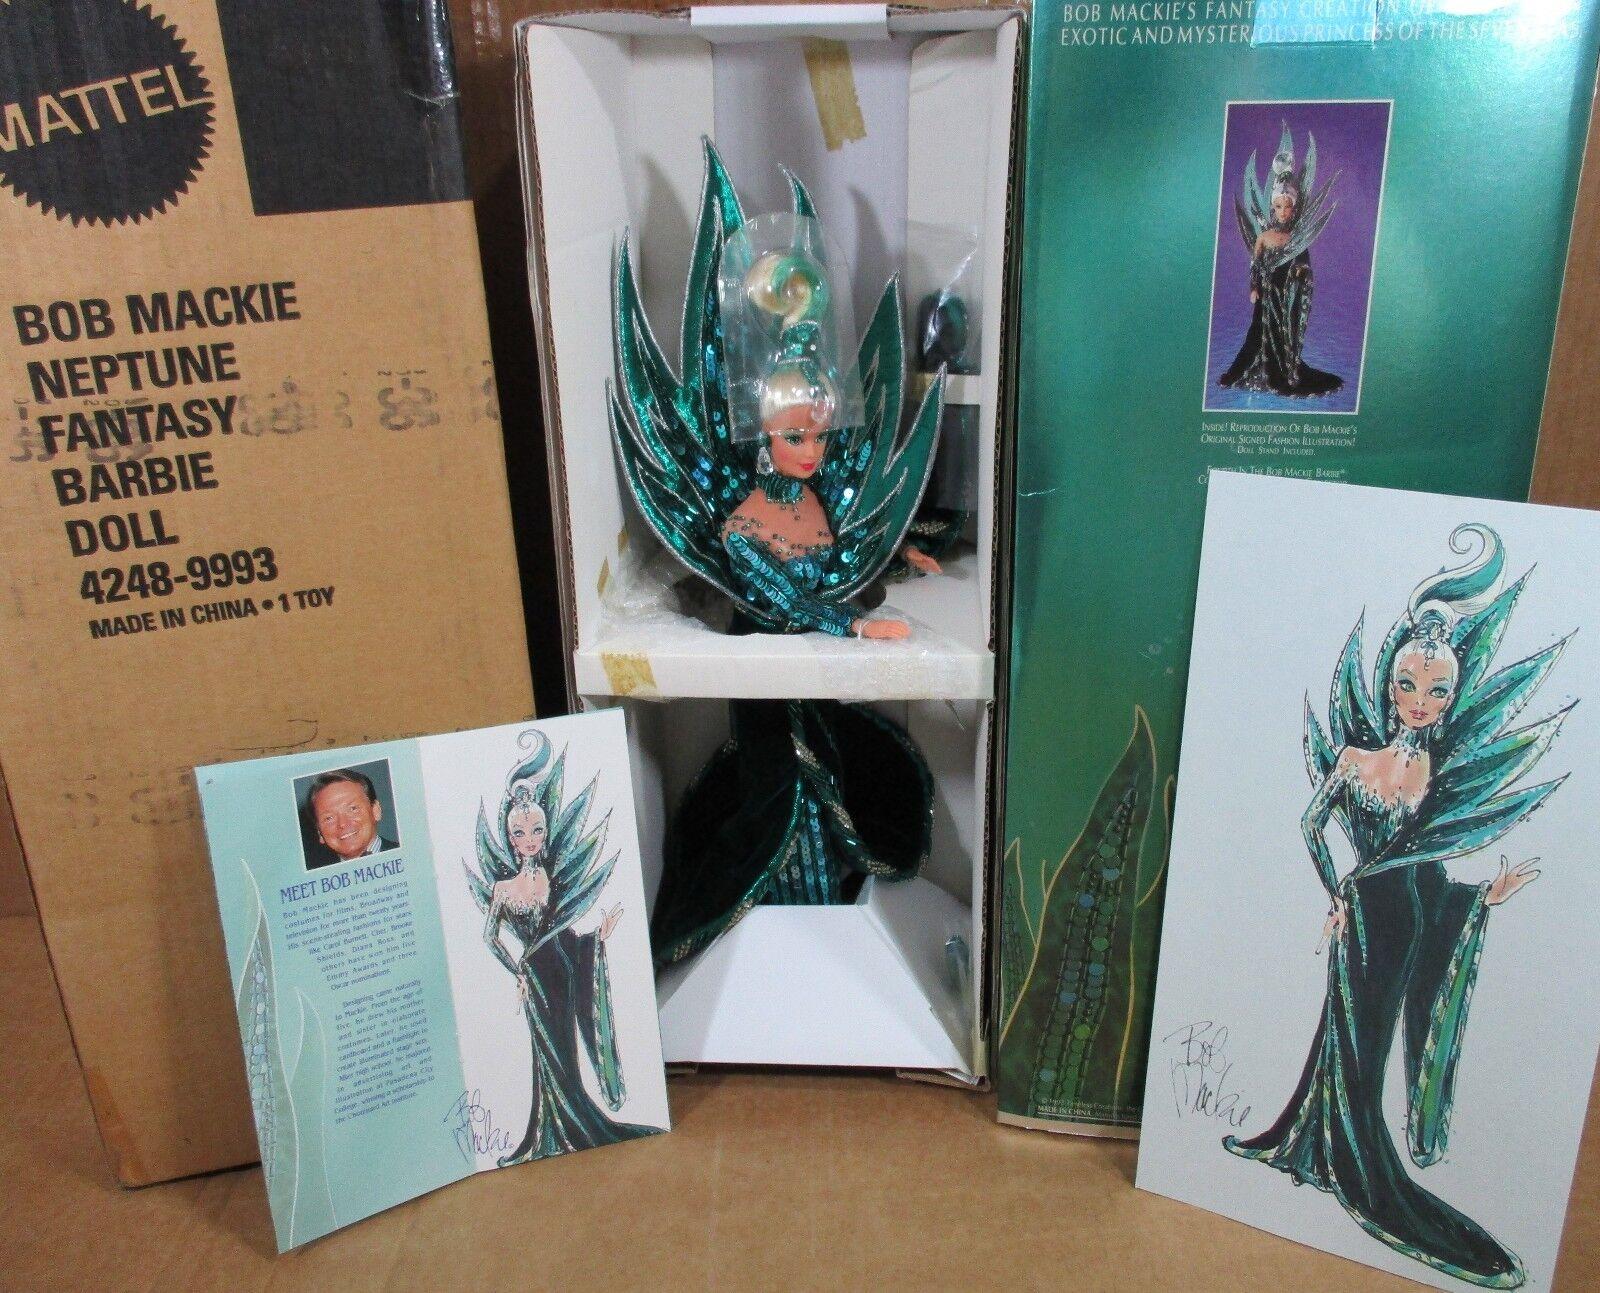 Bob Mackie Neptuno Fantasía Muñeca Barbie Princesa De Siete Mares remitente Nuevo En Caja